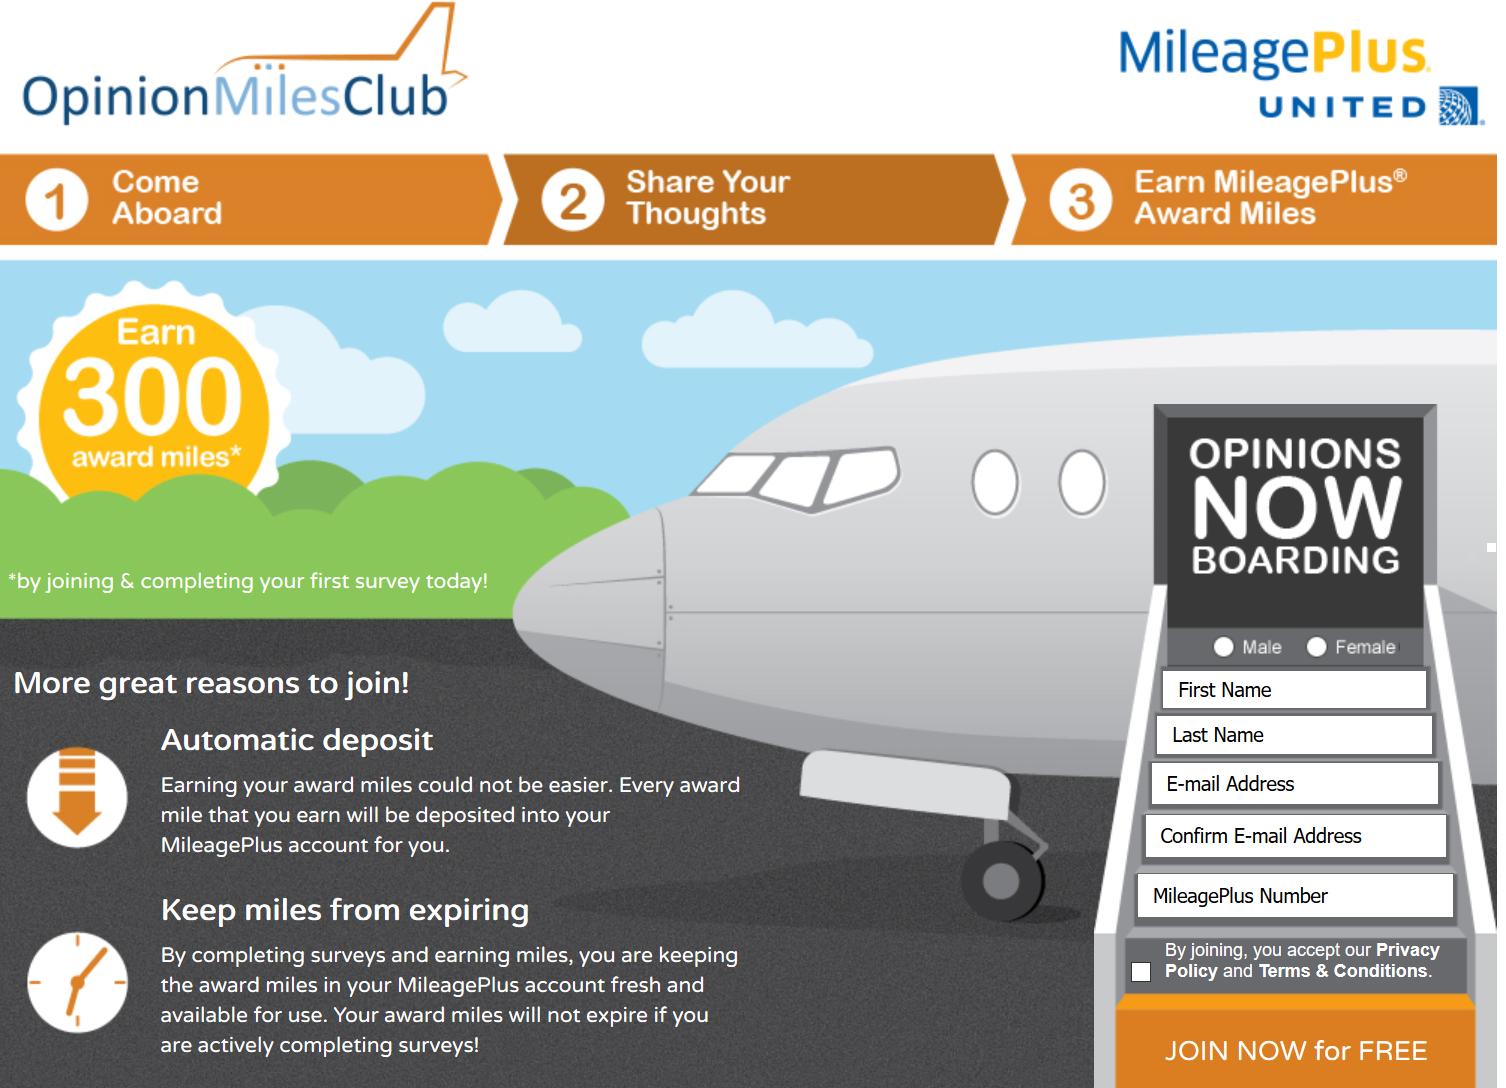 22 best ways to earn lots of united mileageplus miles in depth